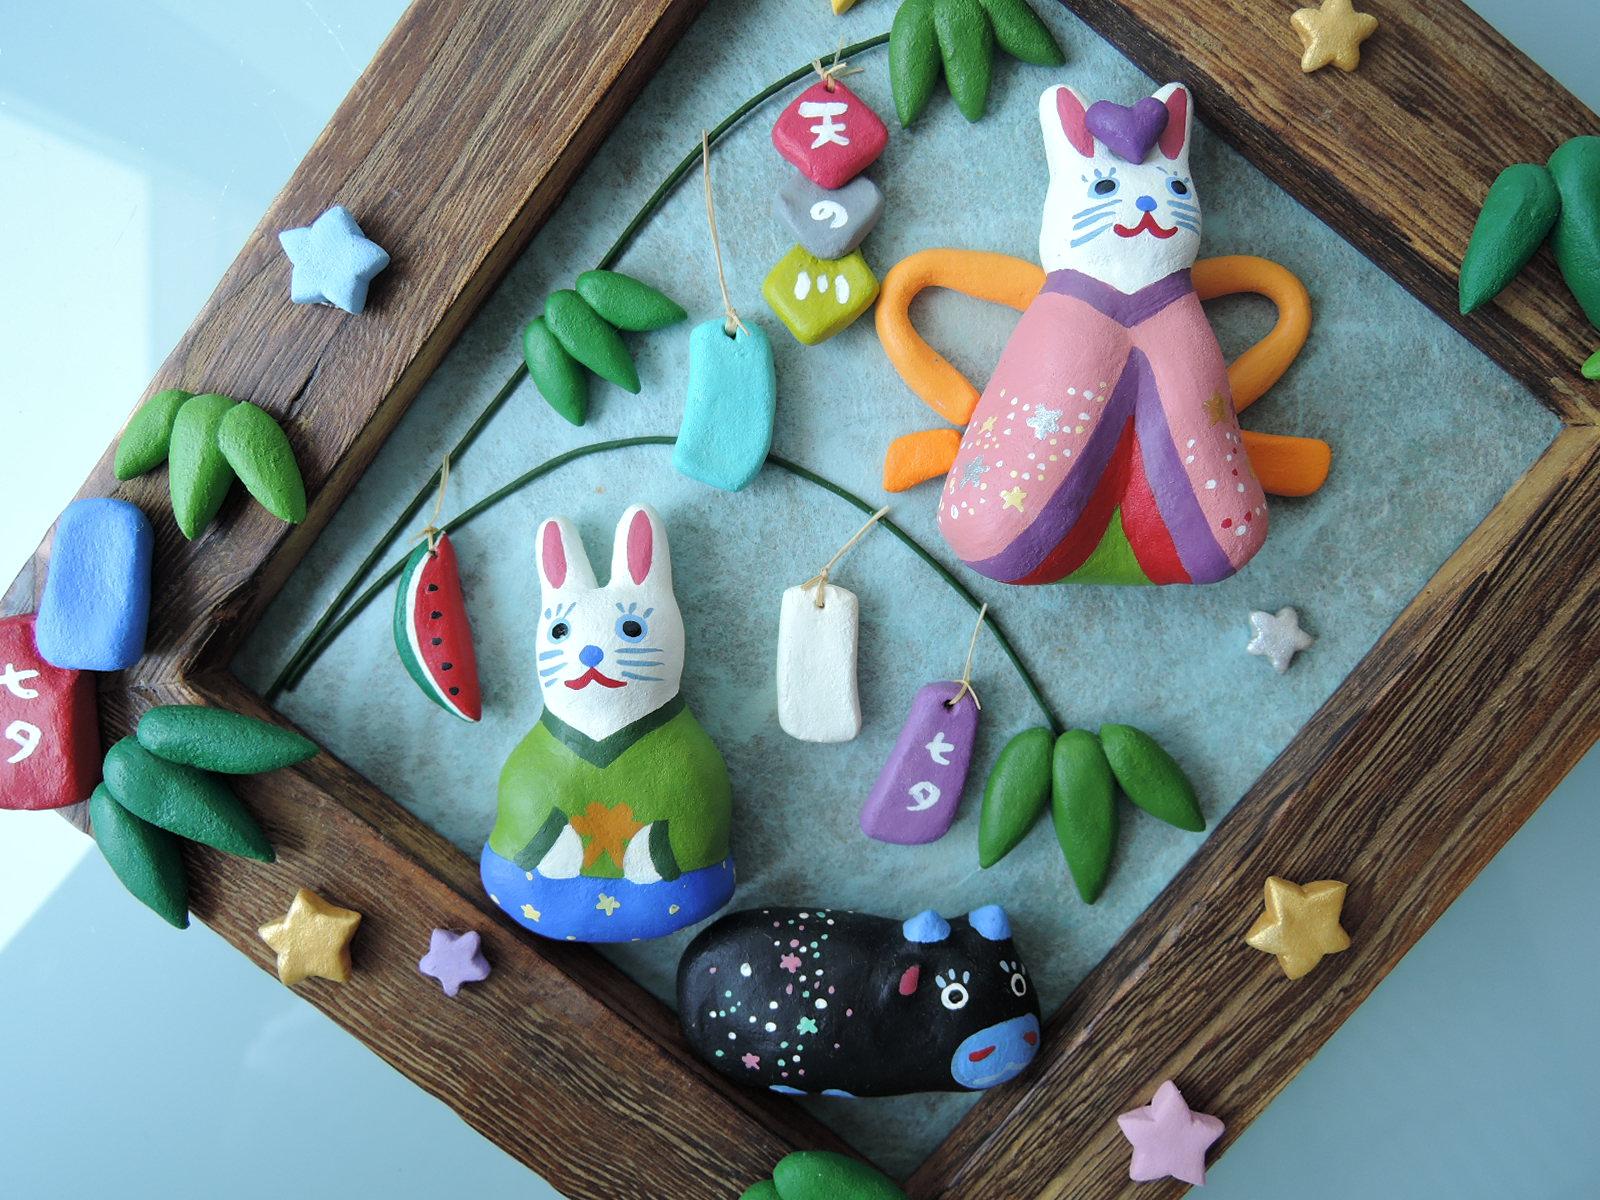 イトトモ屋さん うさぎの七夕 和風壁飾り2003